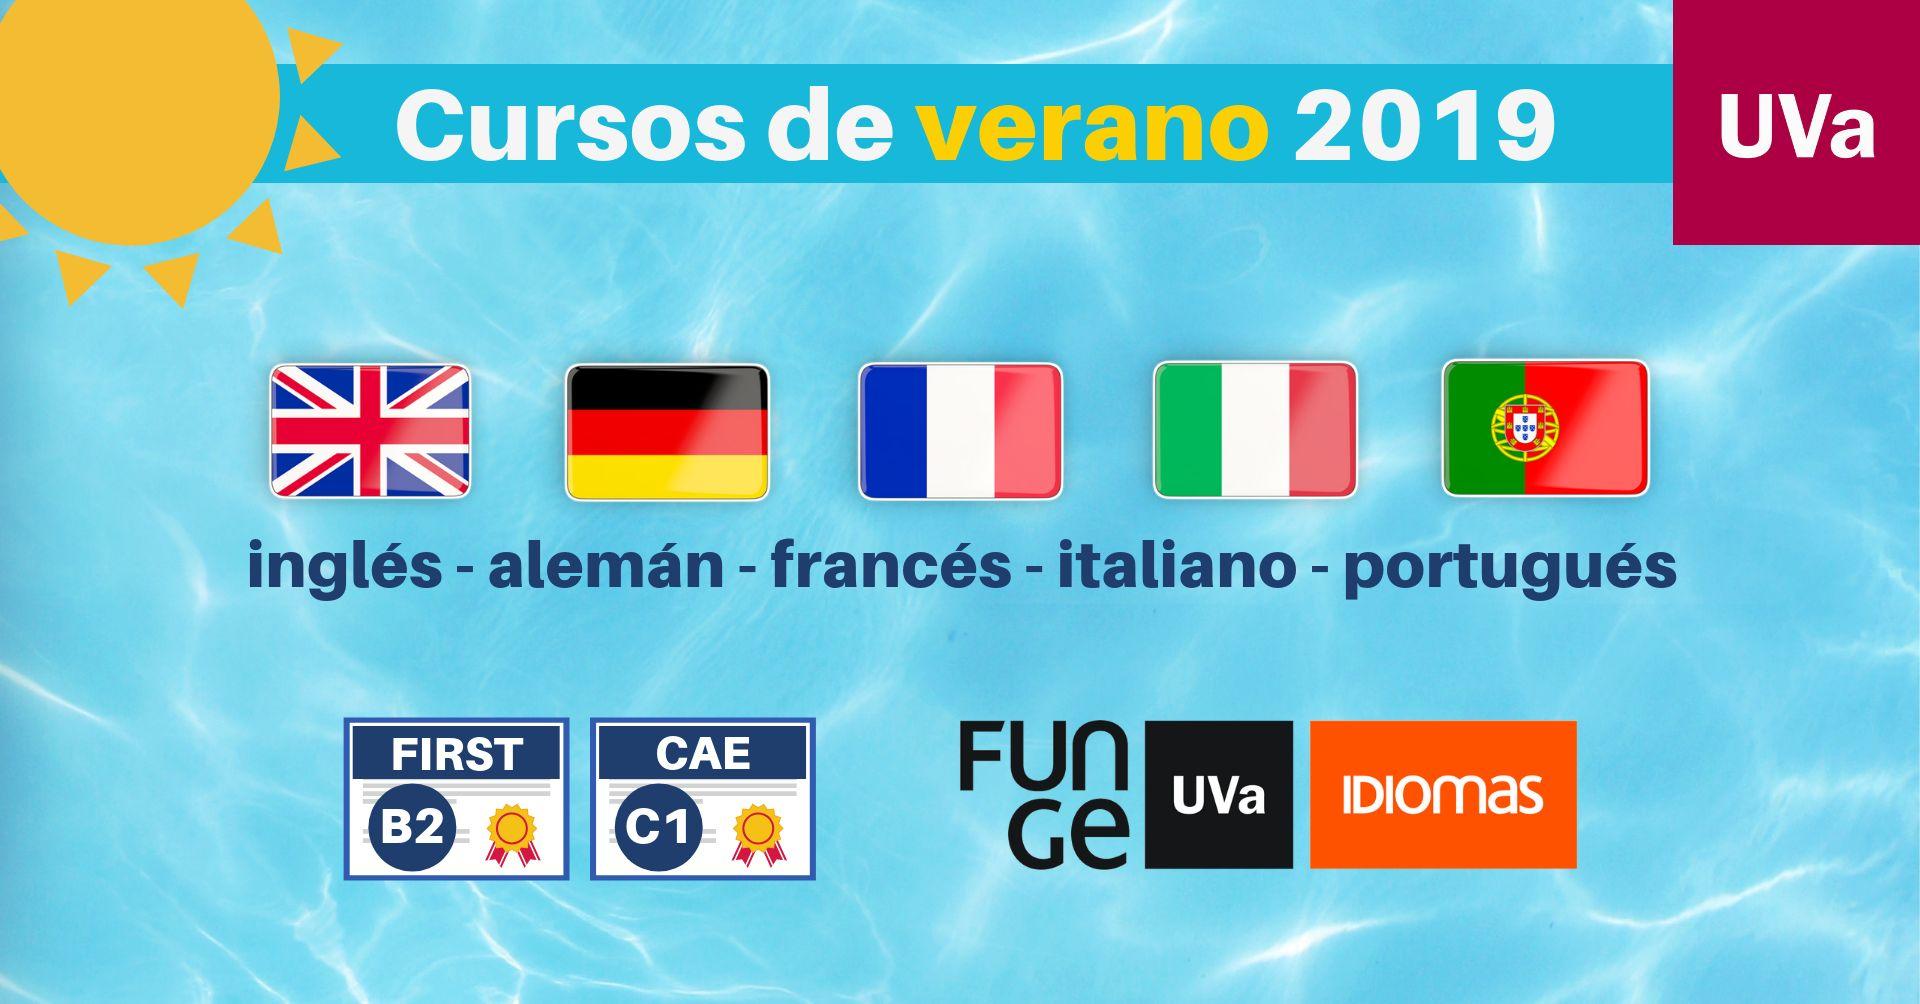 Cursos idiomas verano 2019 - Centro de Idiomas UVa inglés francés alemán italiano portugués